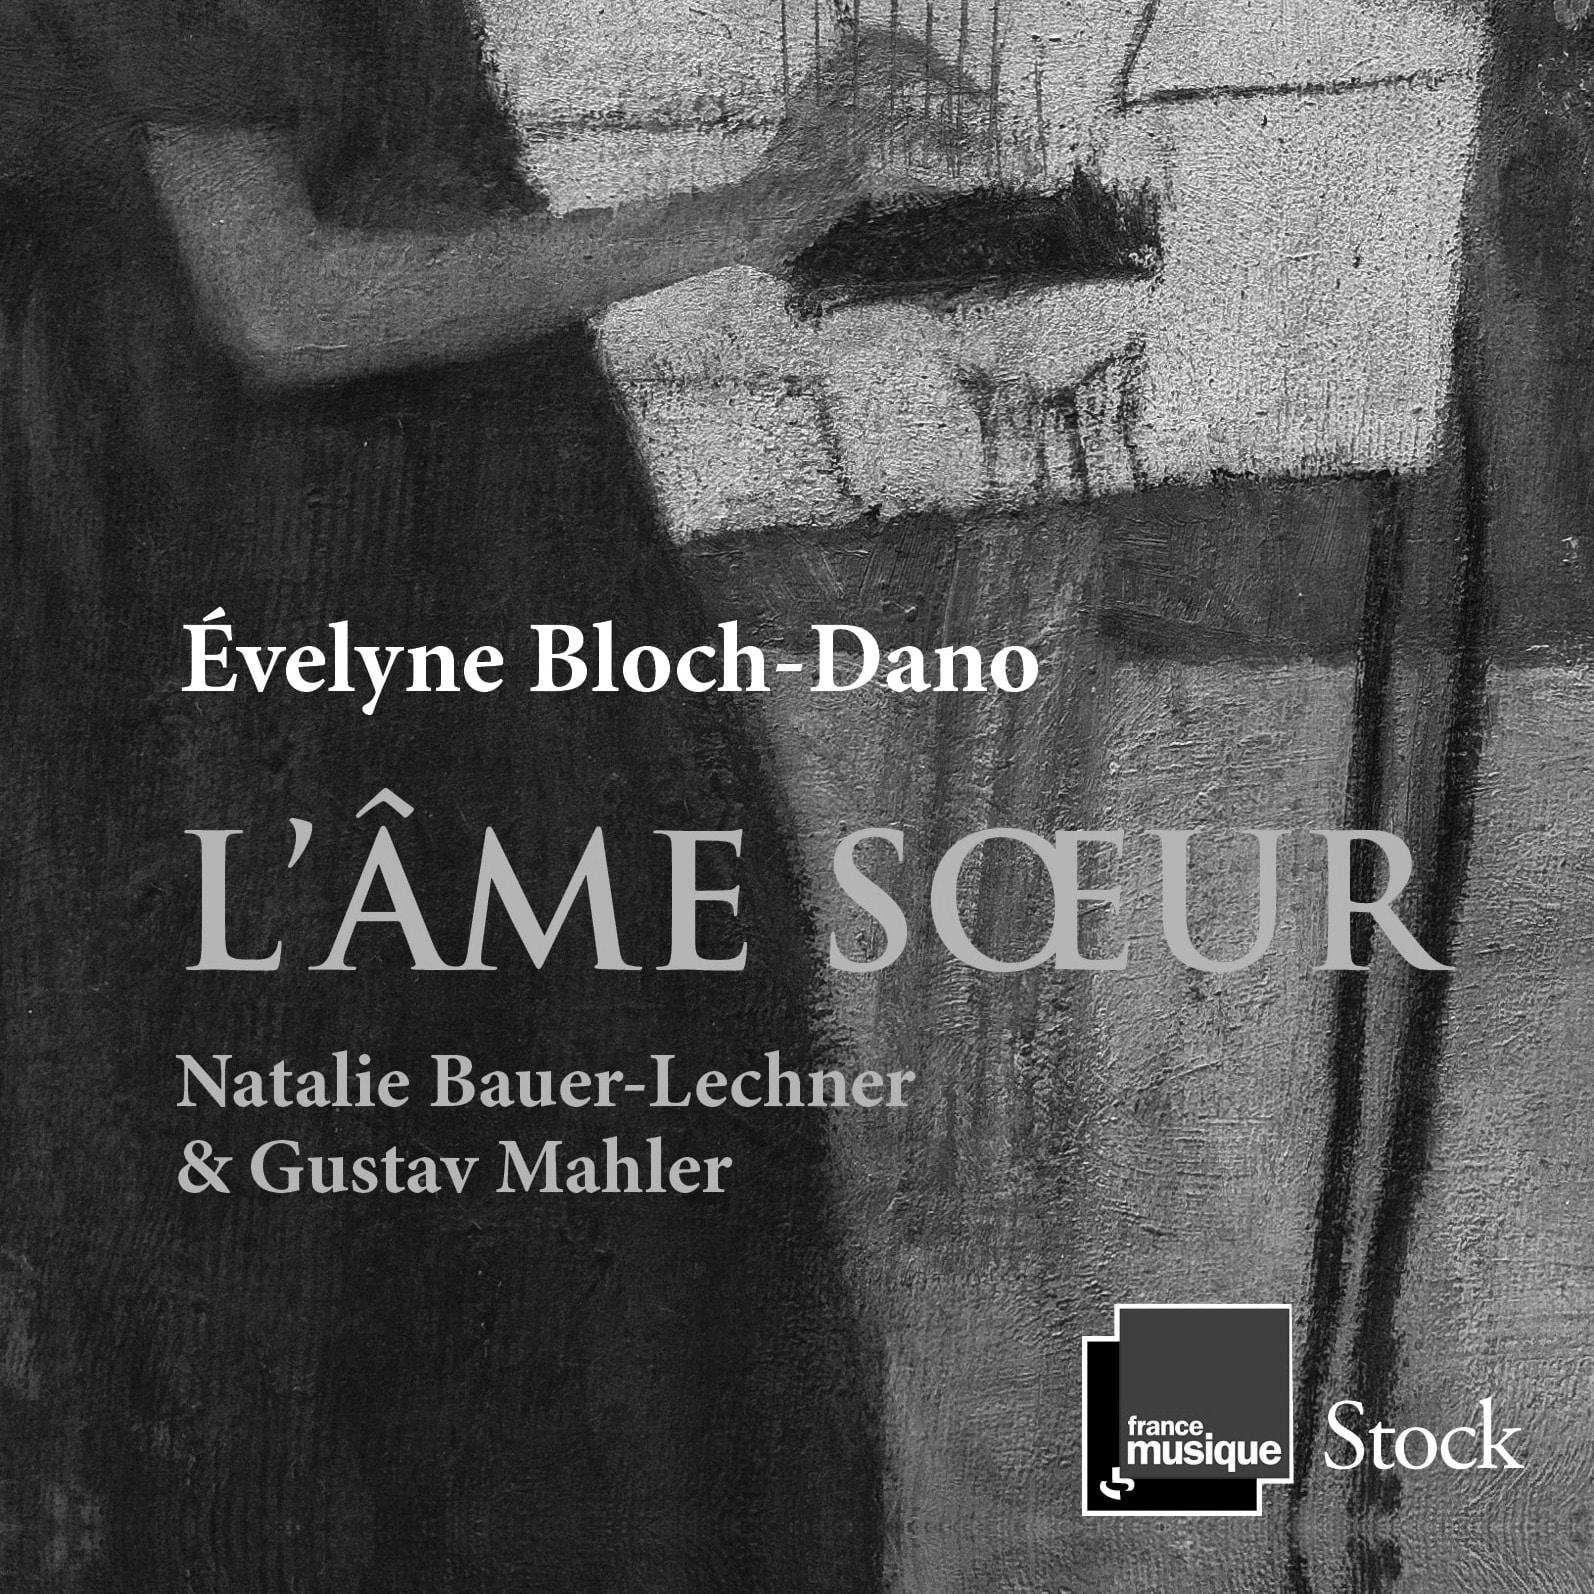 Nathalie Bauer-Lechner